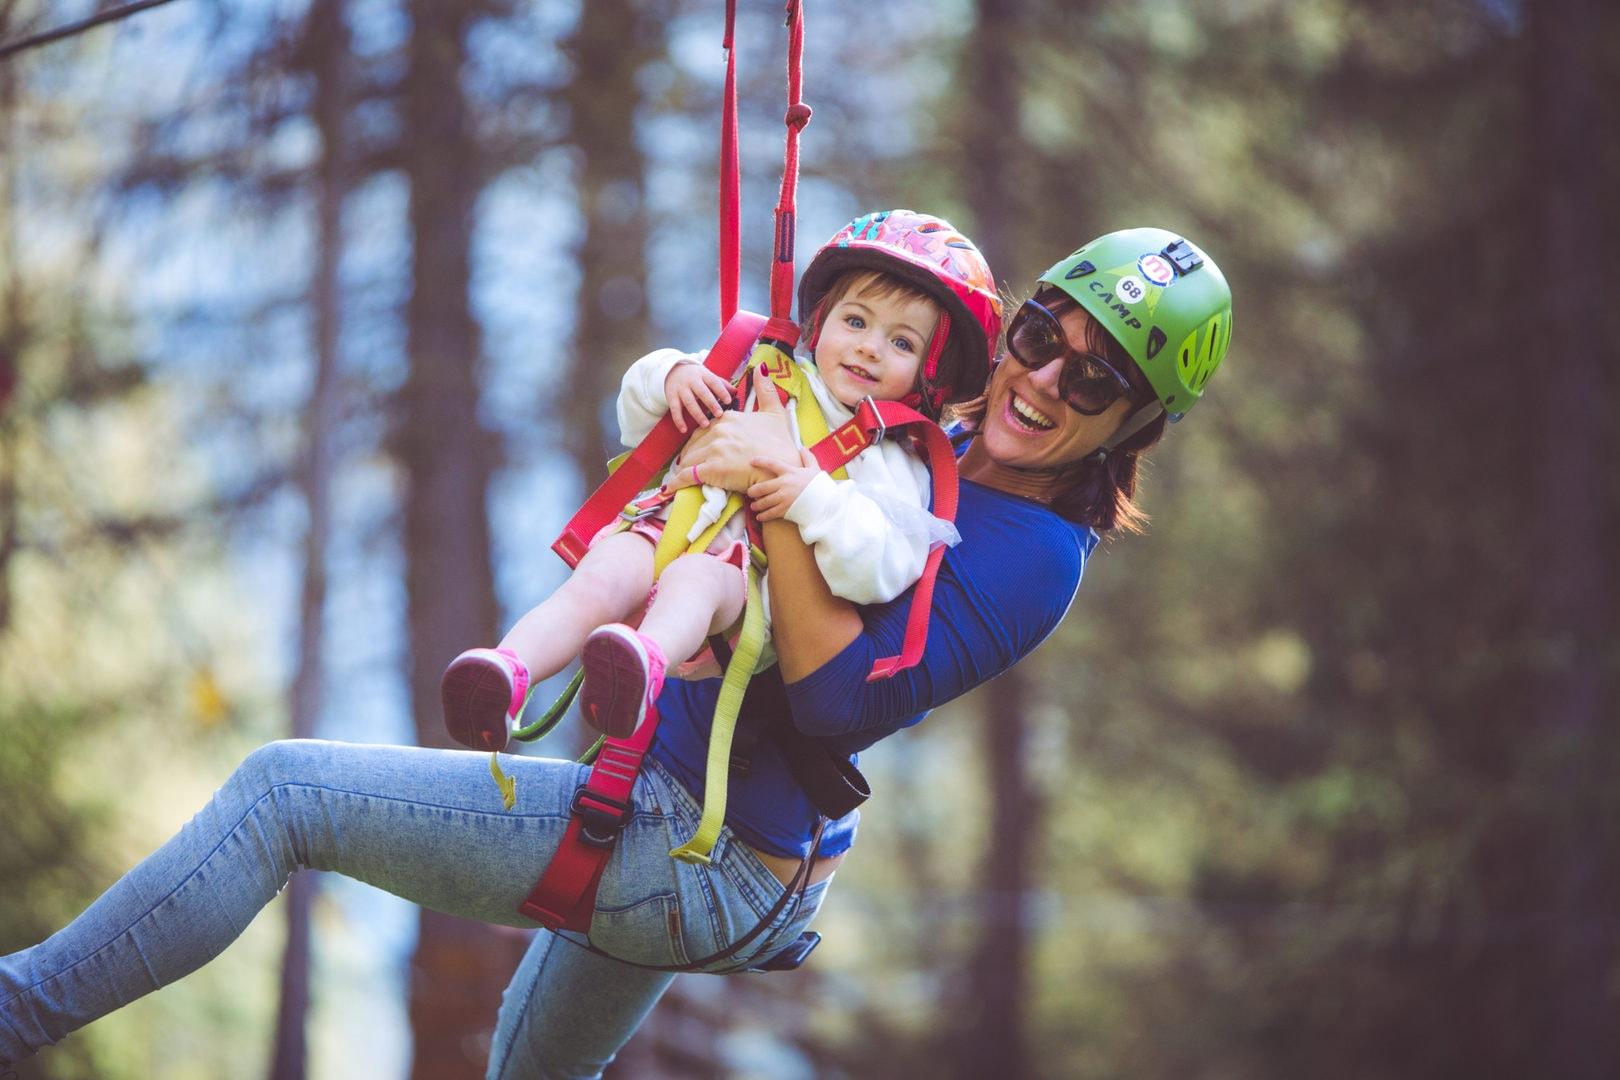 Famiglie al Lariìx Park a Livigno, parco avventura sulle Alpi